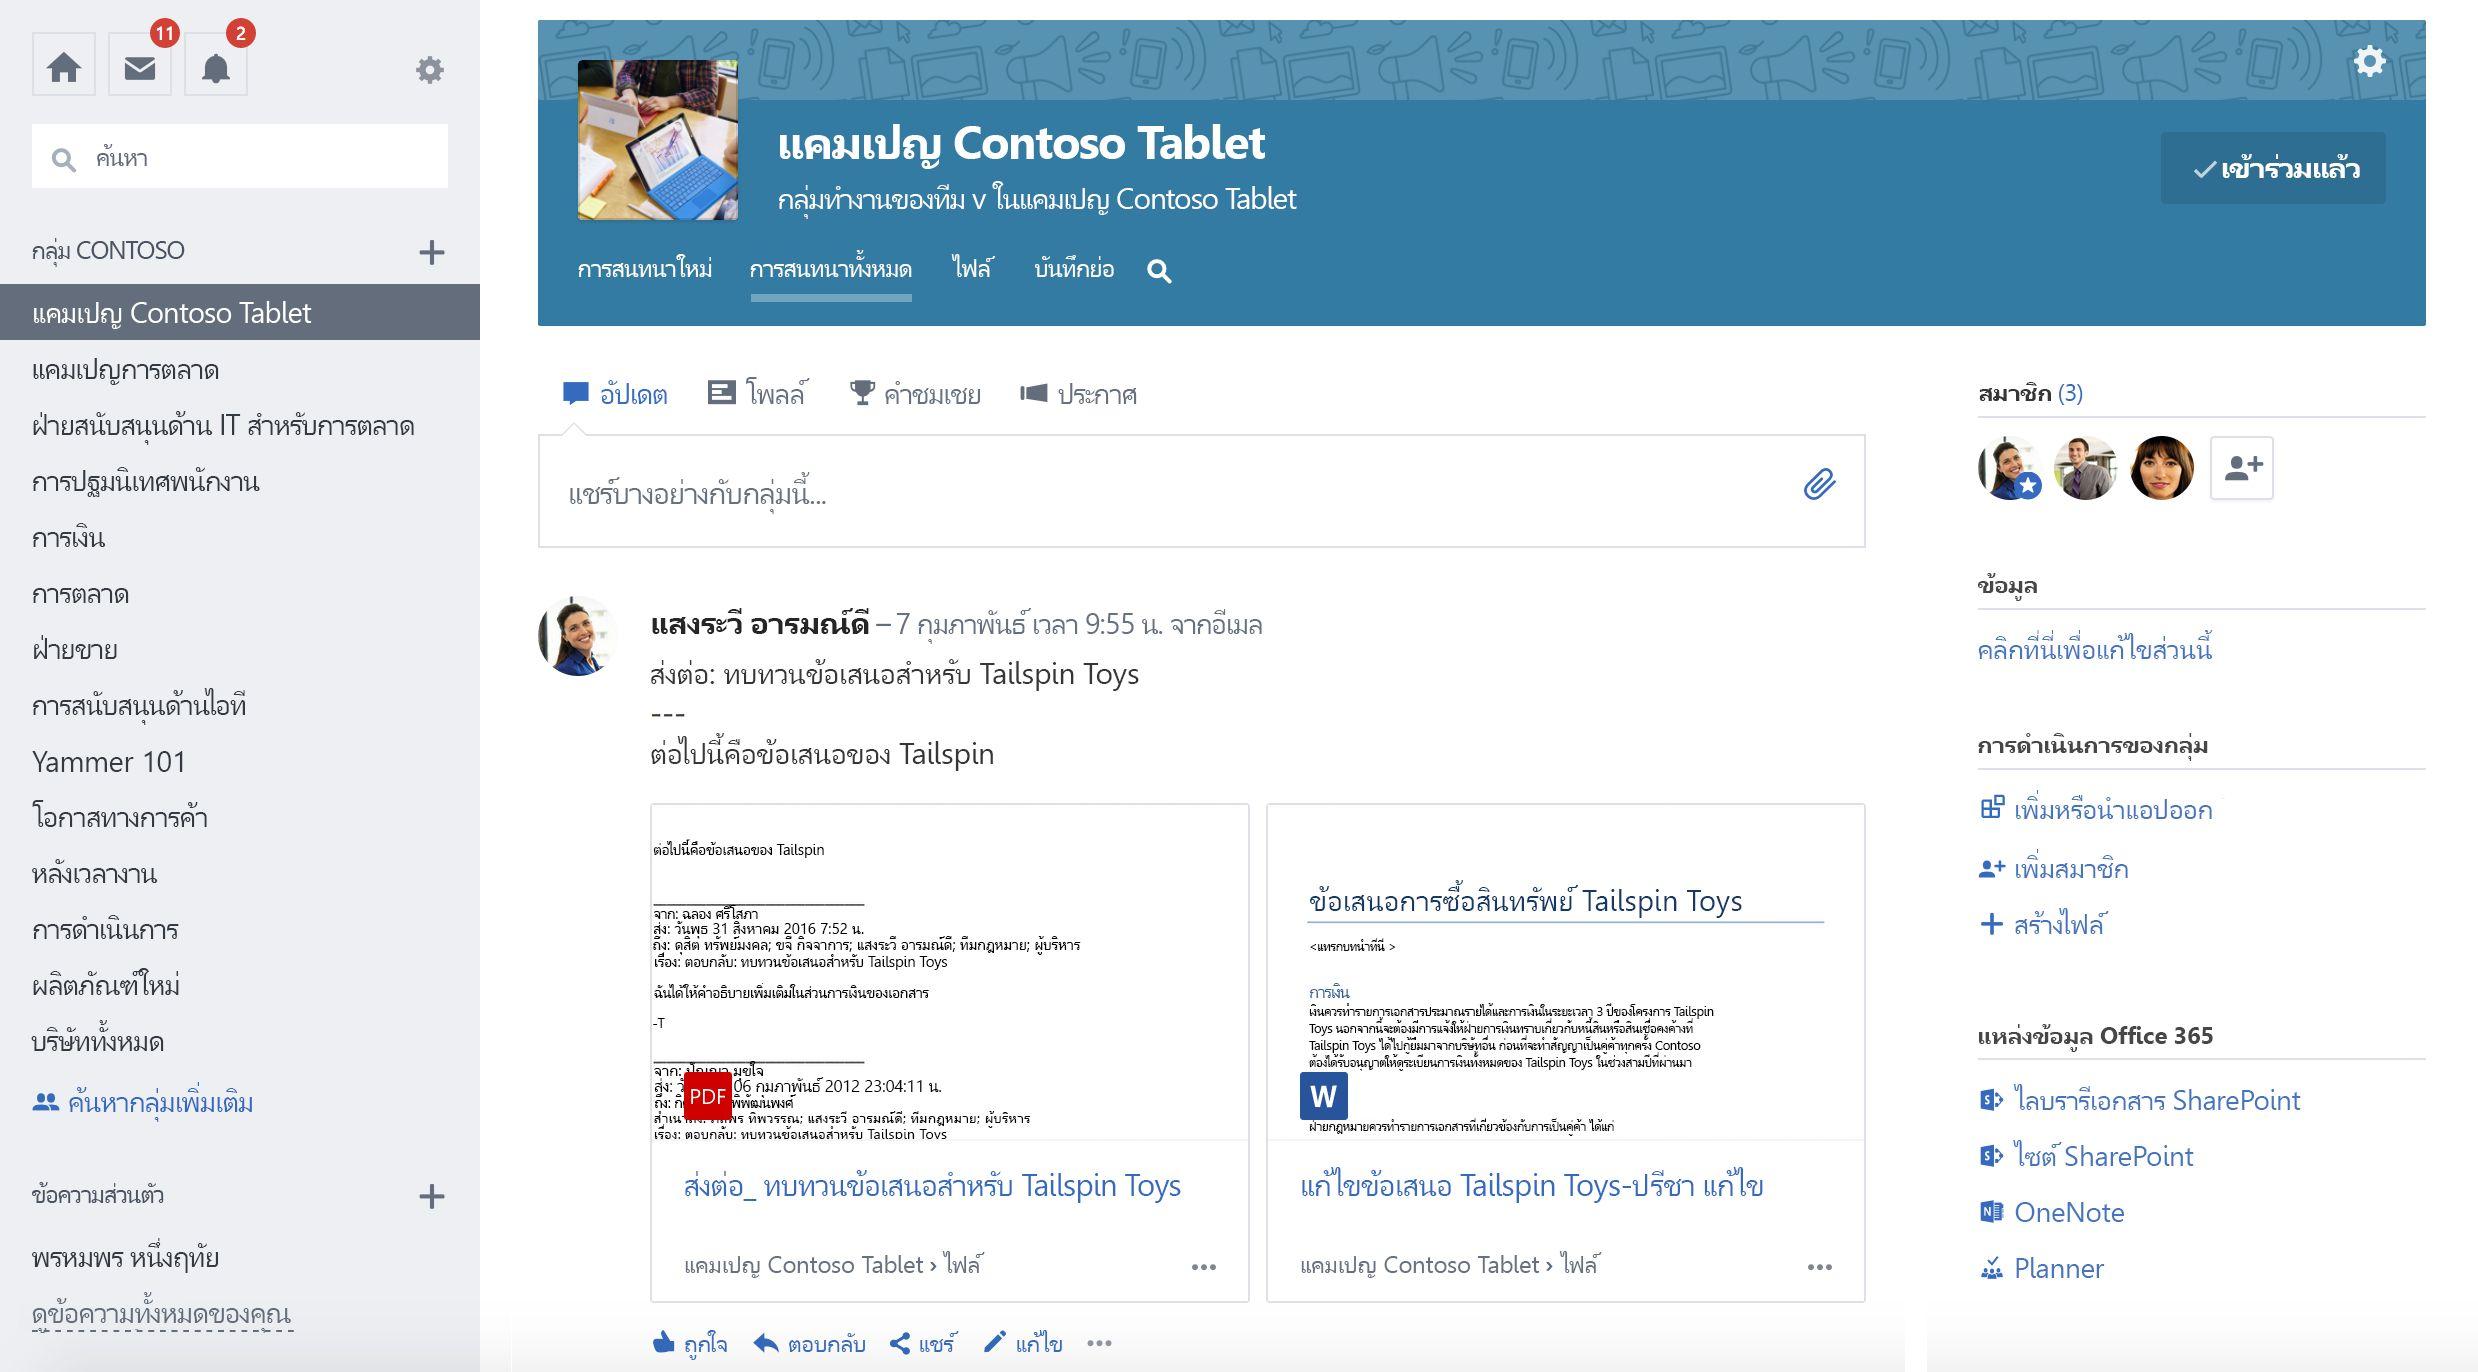 การสนทนากลุ่ม Yammer ที่เชื่อมต่อสกรีนช็อตของ Office 365